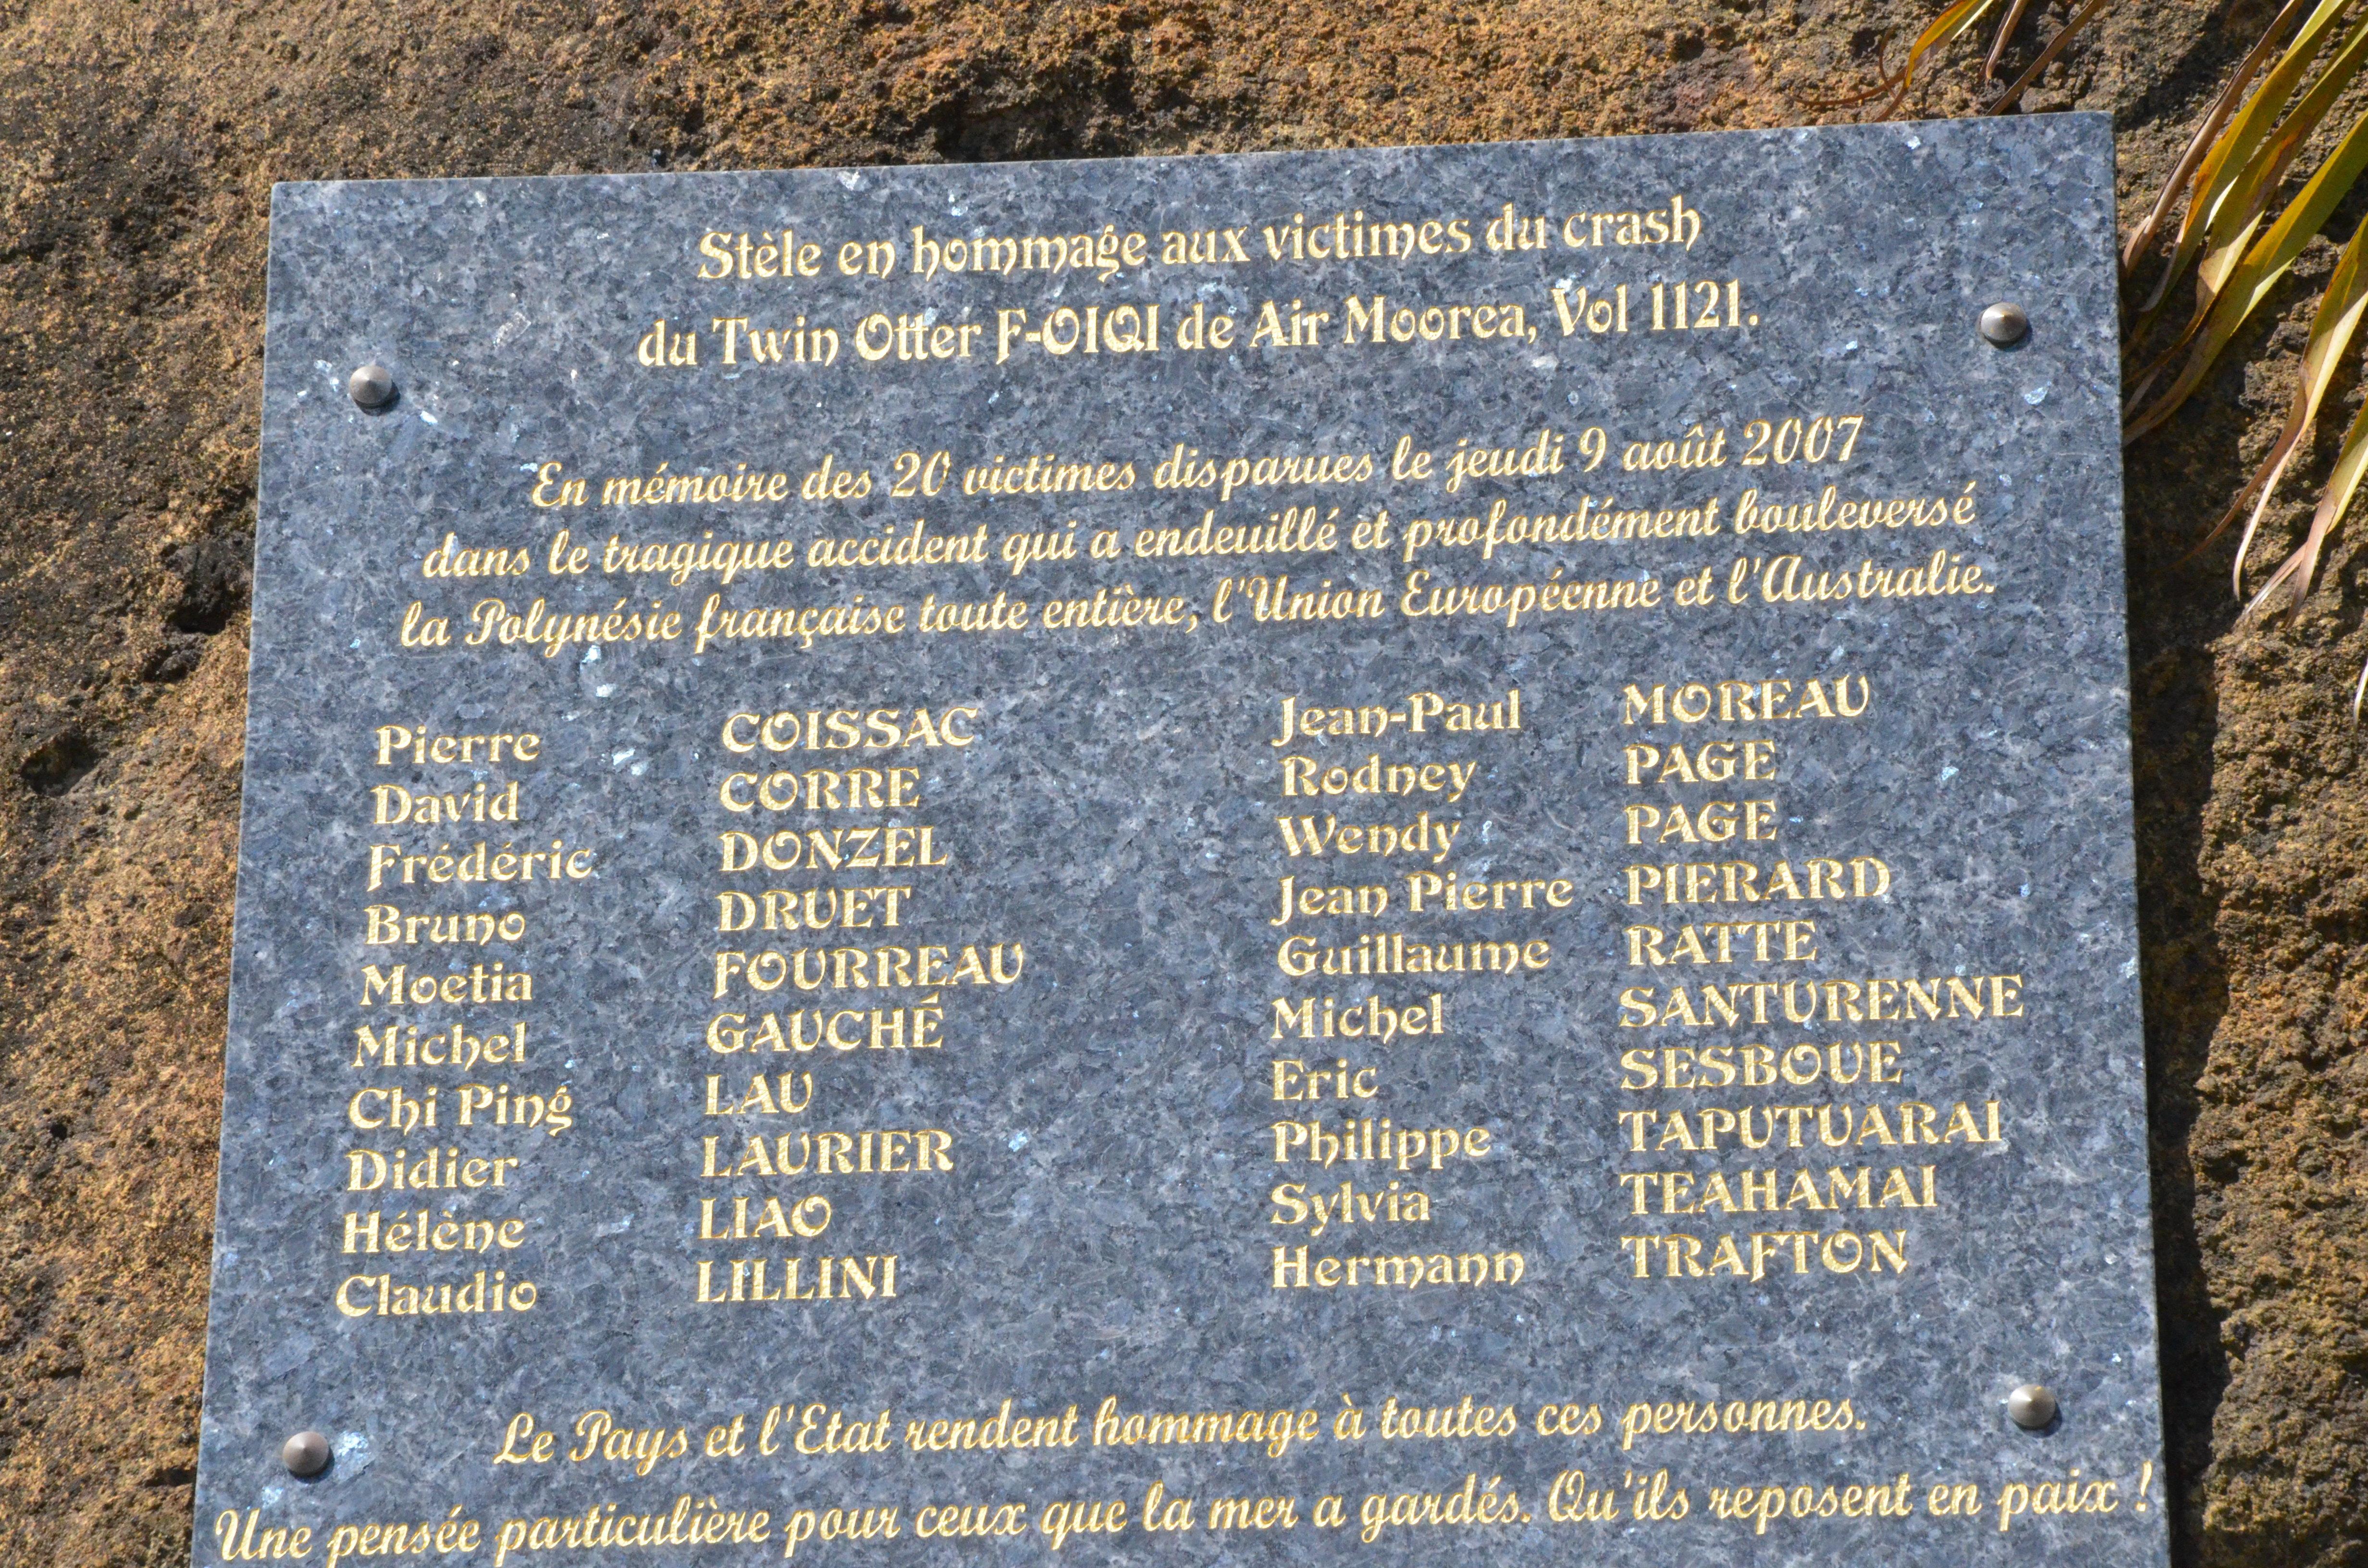 Le 9 août 2007, 20 personnes ont perdu la vie dans le crash du vol 1121 d'Air Moorea.